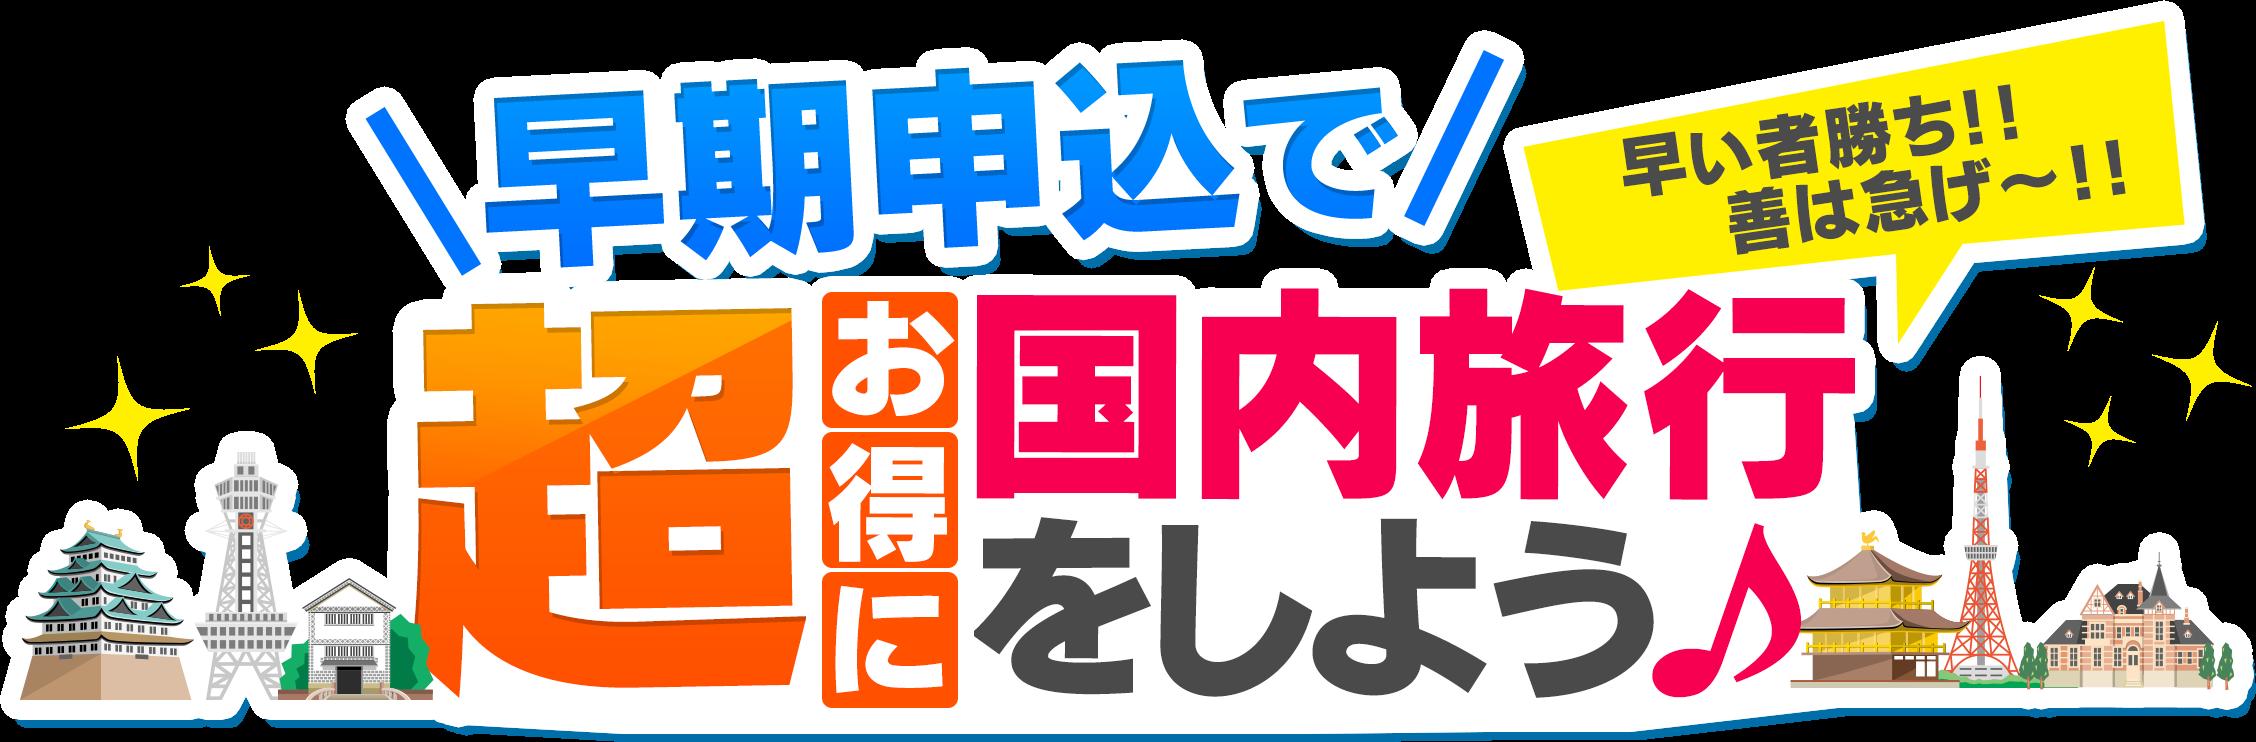 早割でお得なツアー・ホテル予約|国内旅行・国内ツアーなら日本旅行